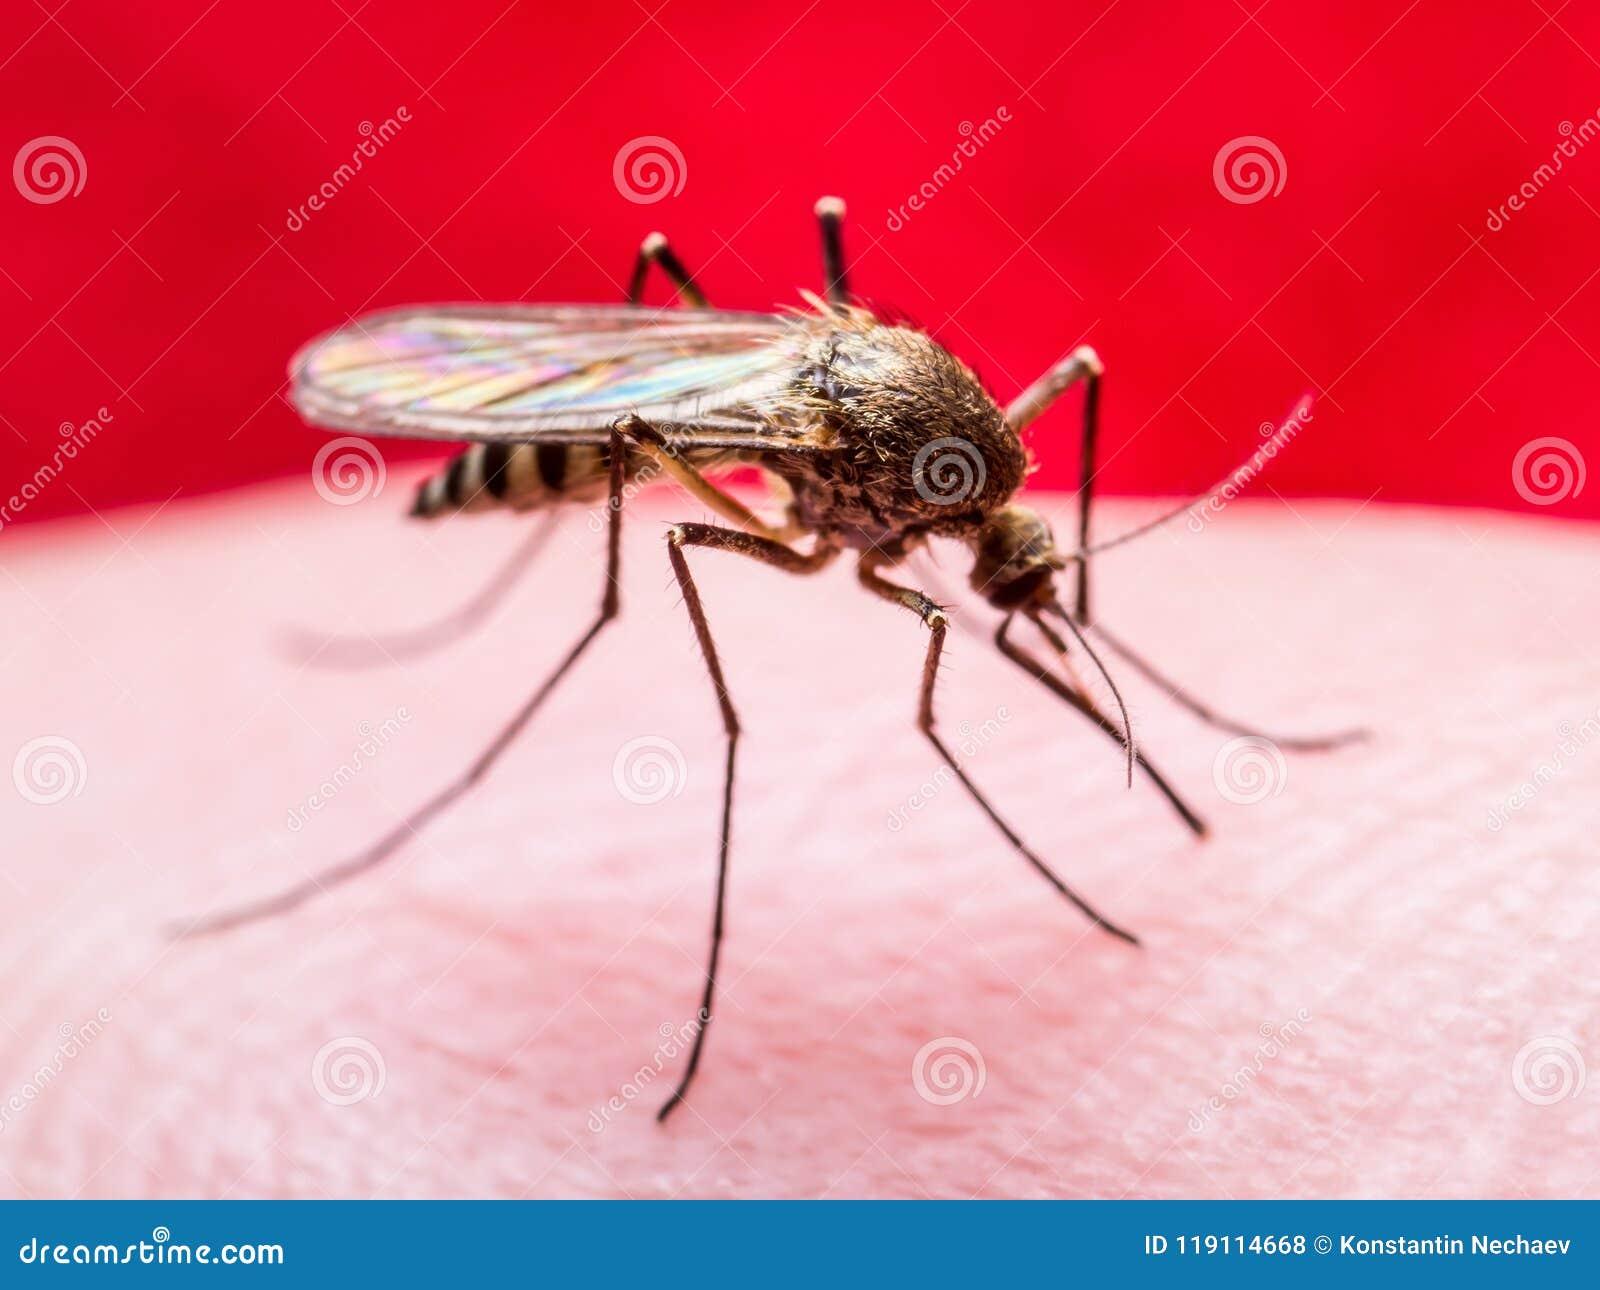 Κίτρινος πυρετός, ελονοσία ή μολυσμένη μακροεντολή εντόμων κουνουπιών Zika ιός στο κόκκινο υπόβαθρο